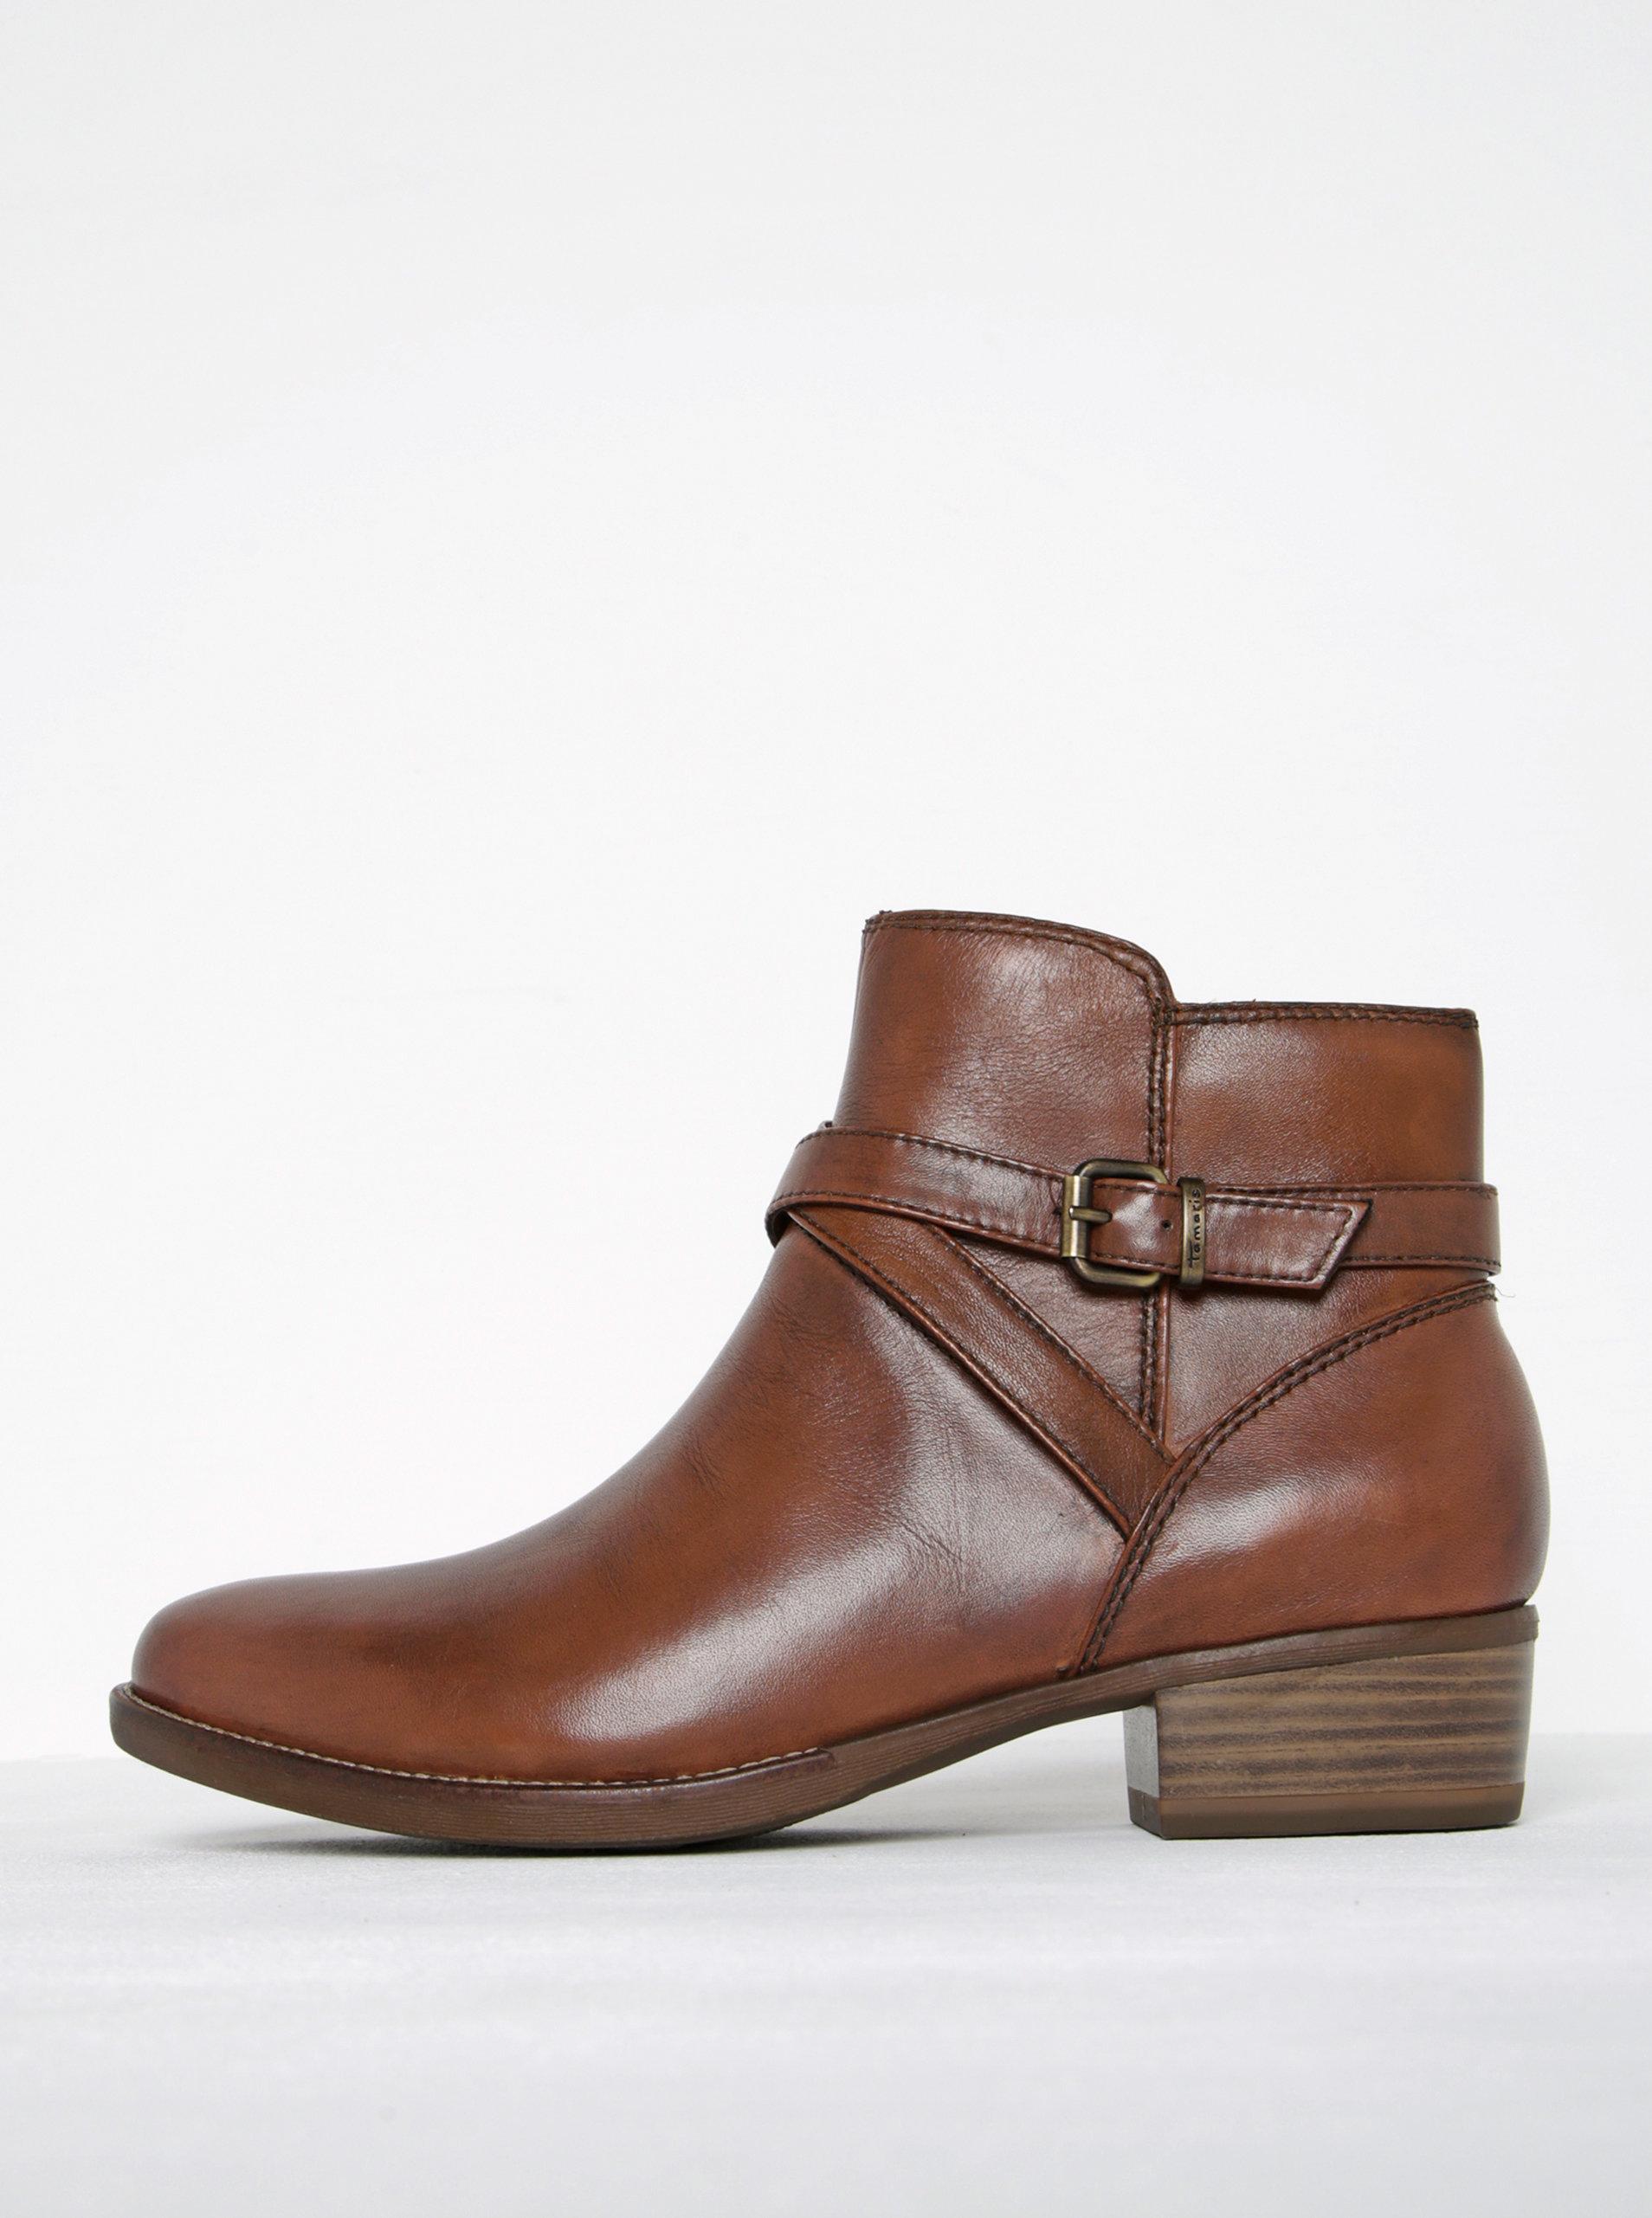 1f326c3602 Hnedé kožené členkové topánky s tenkým remienkom a prackou Tamaris ...